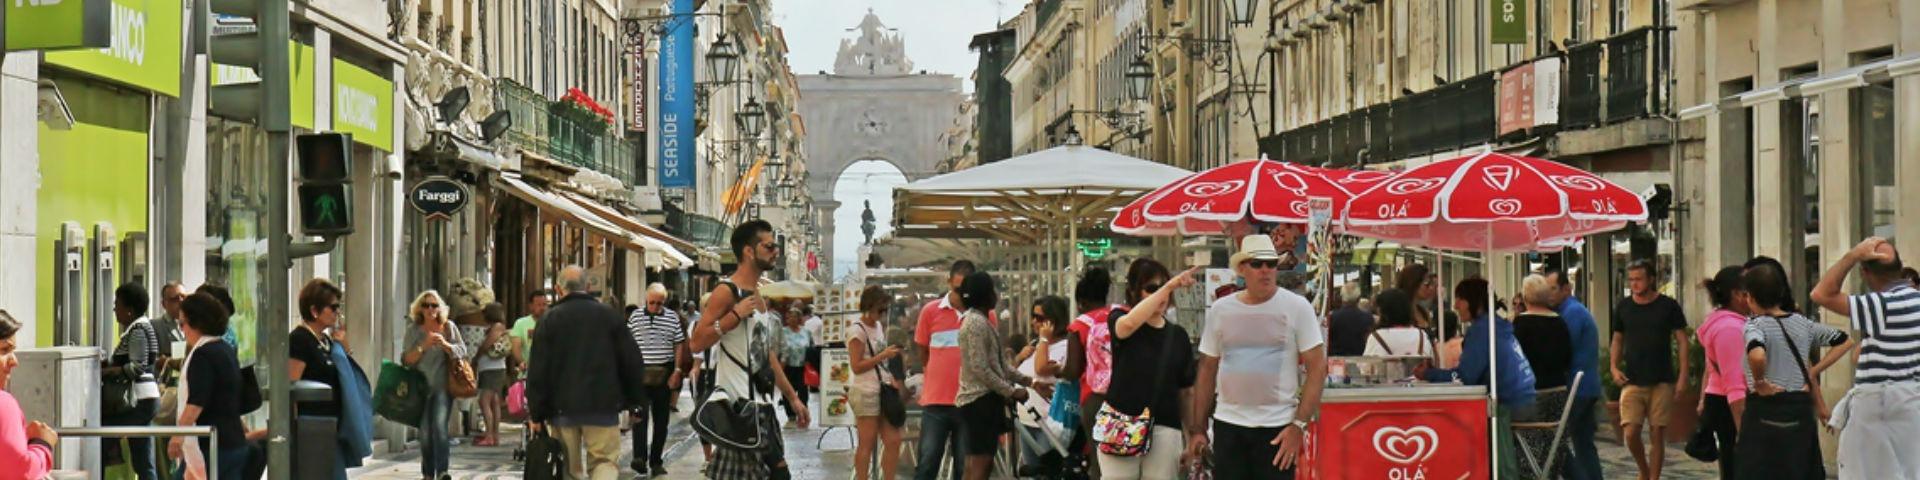 56% португальцев делают ставки в нелегальных букмекерских конторах